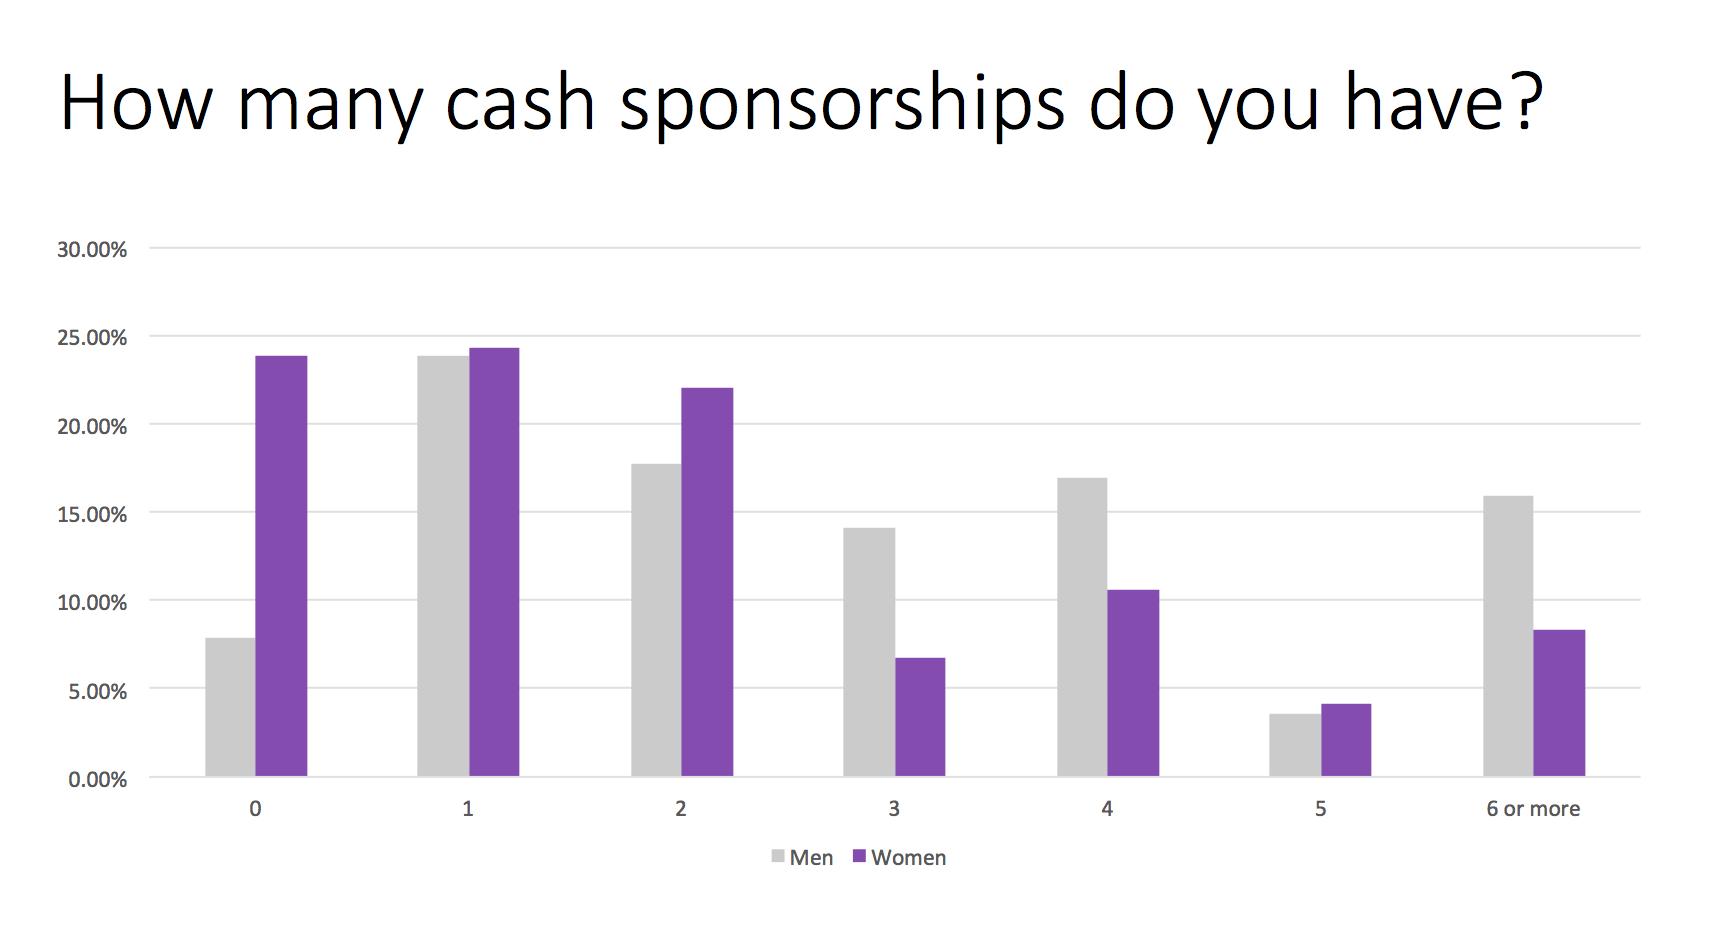 Trail Sisters Survey Question 3 - Cash sponsorships